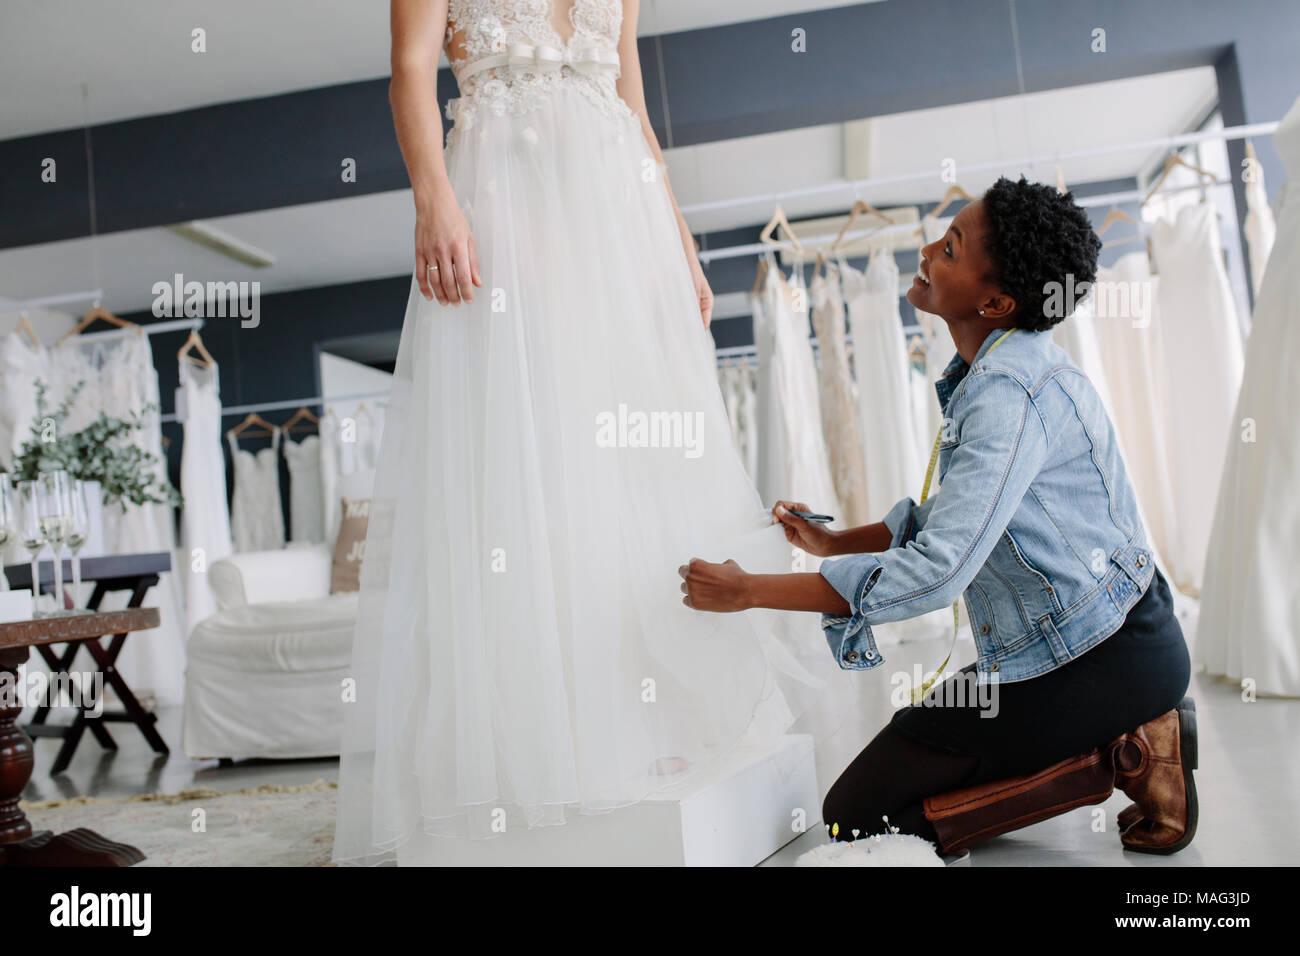 Femme d'effectuer le réglage à nuptiale de robe de mariage en fashion store. Dans sa robe de mariée avec robe femme designer de faire les ajustements nécessaires au toucher rectal Photo Stock